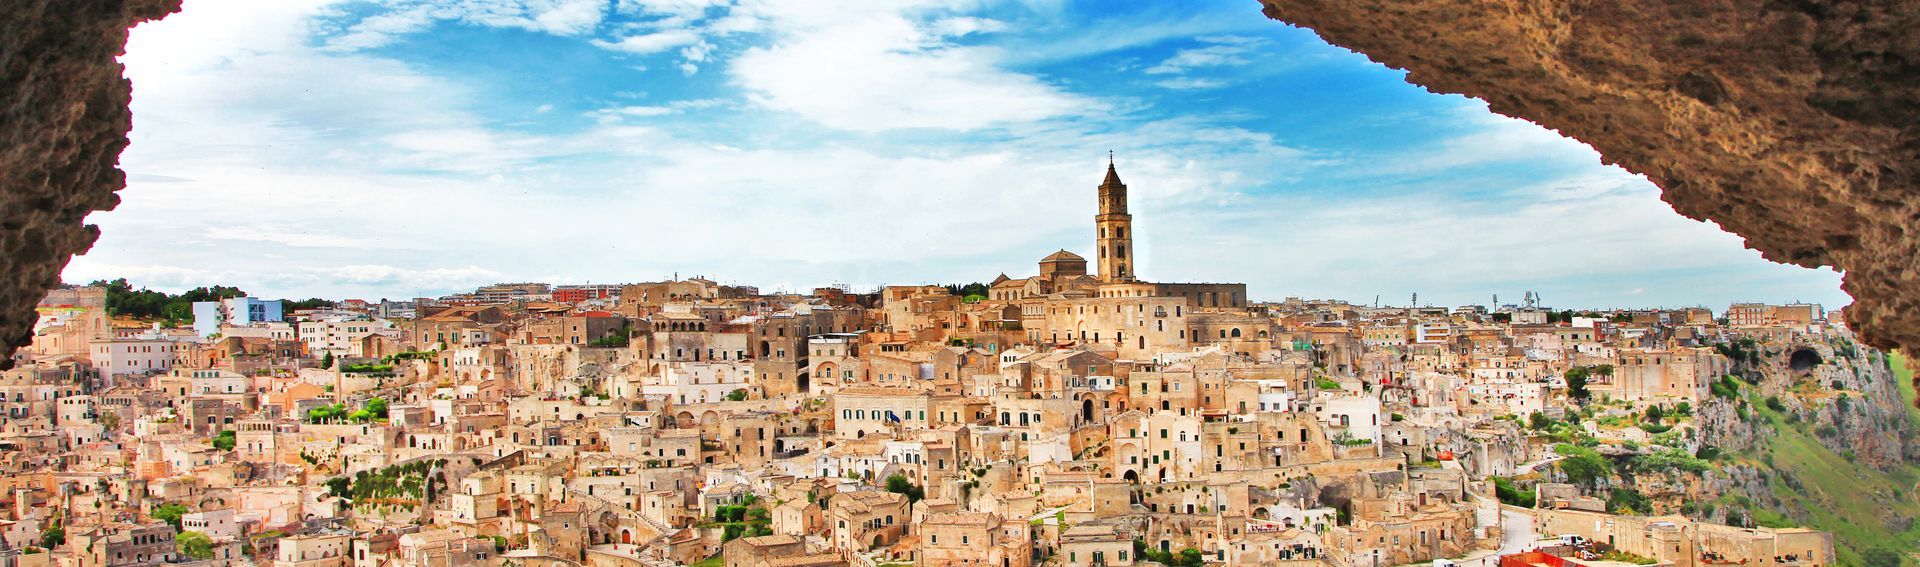 Provinz Matera